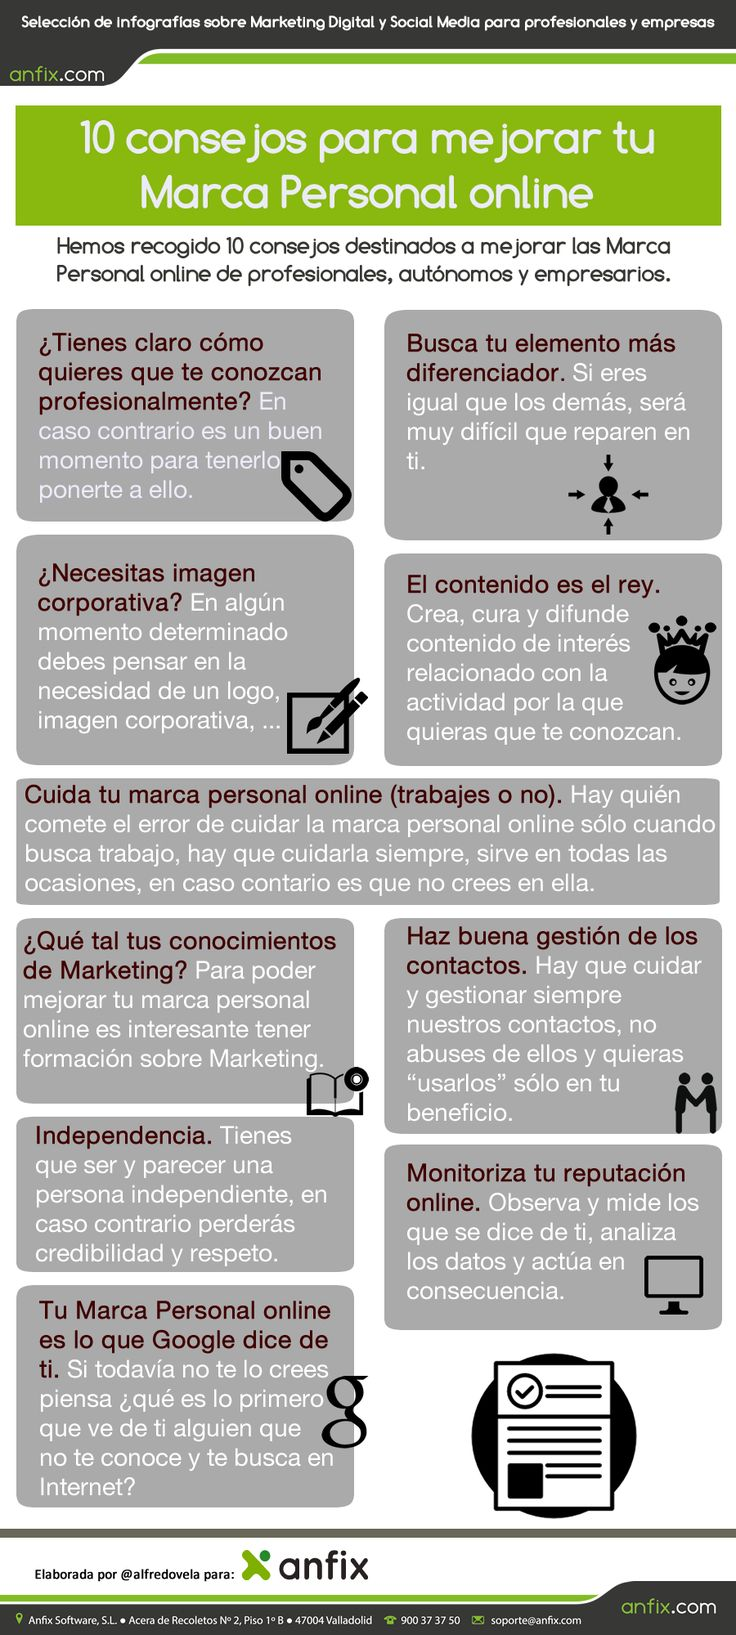 10 consejos para mejorar tu Marca Personal online [infografía] - anfix.tv